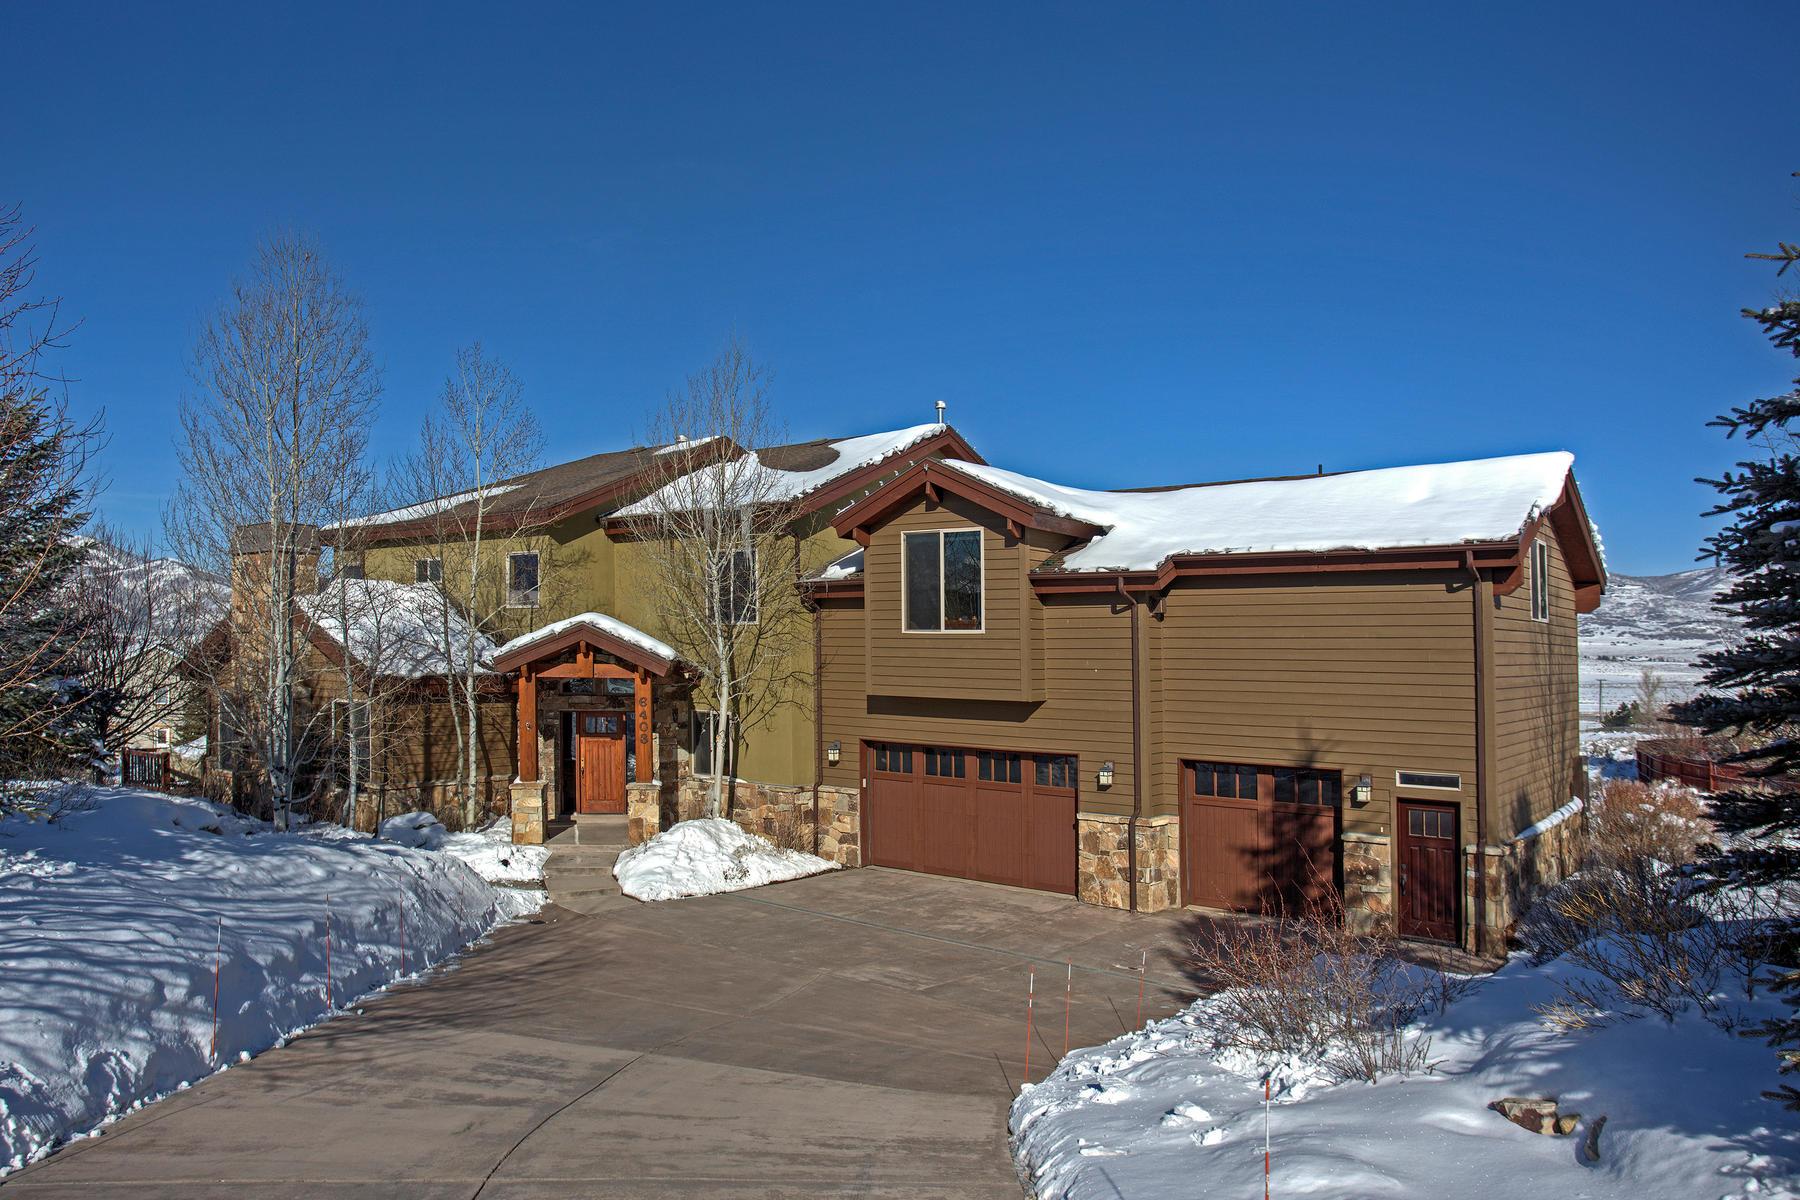 Maison unifamiliale pour l Vente à Sophisticated Style, Spectacular Ski Resort Views 6403 N Snow View Dr Park City, Utah, 84098 États-Unis